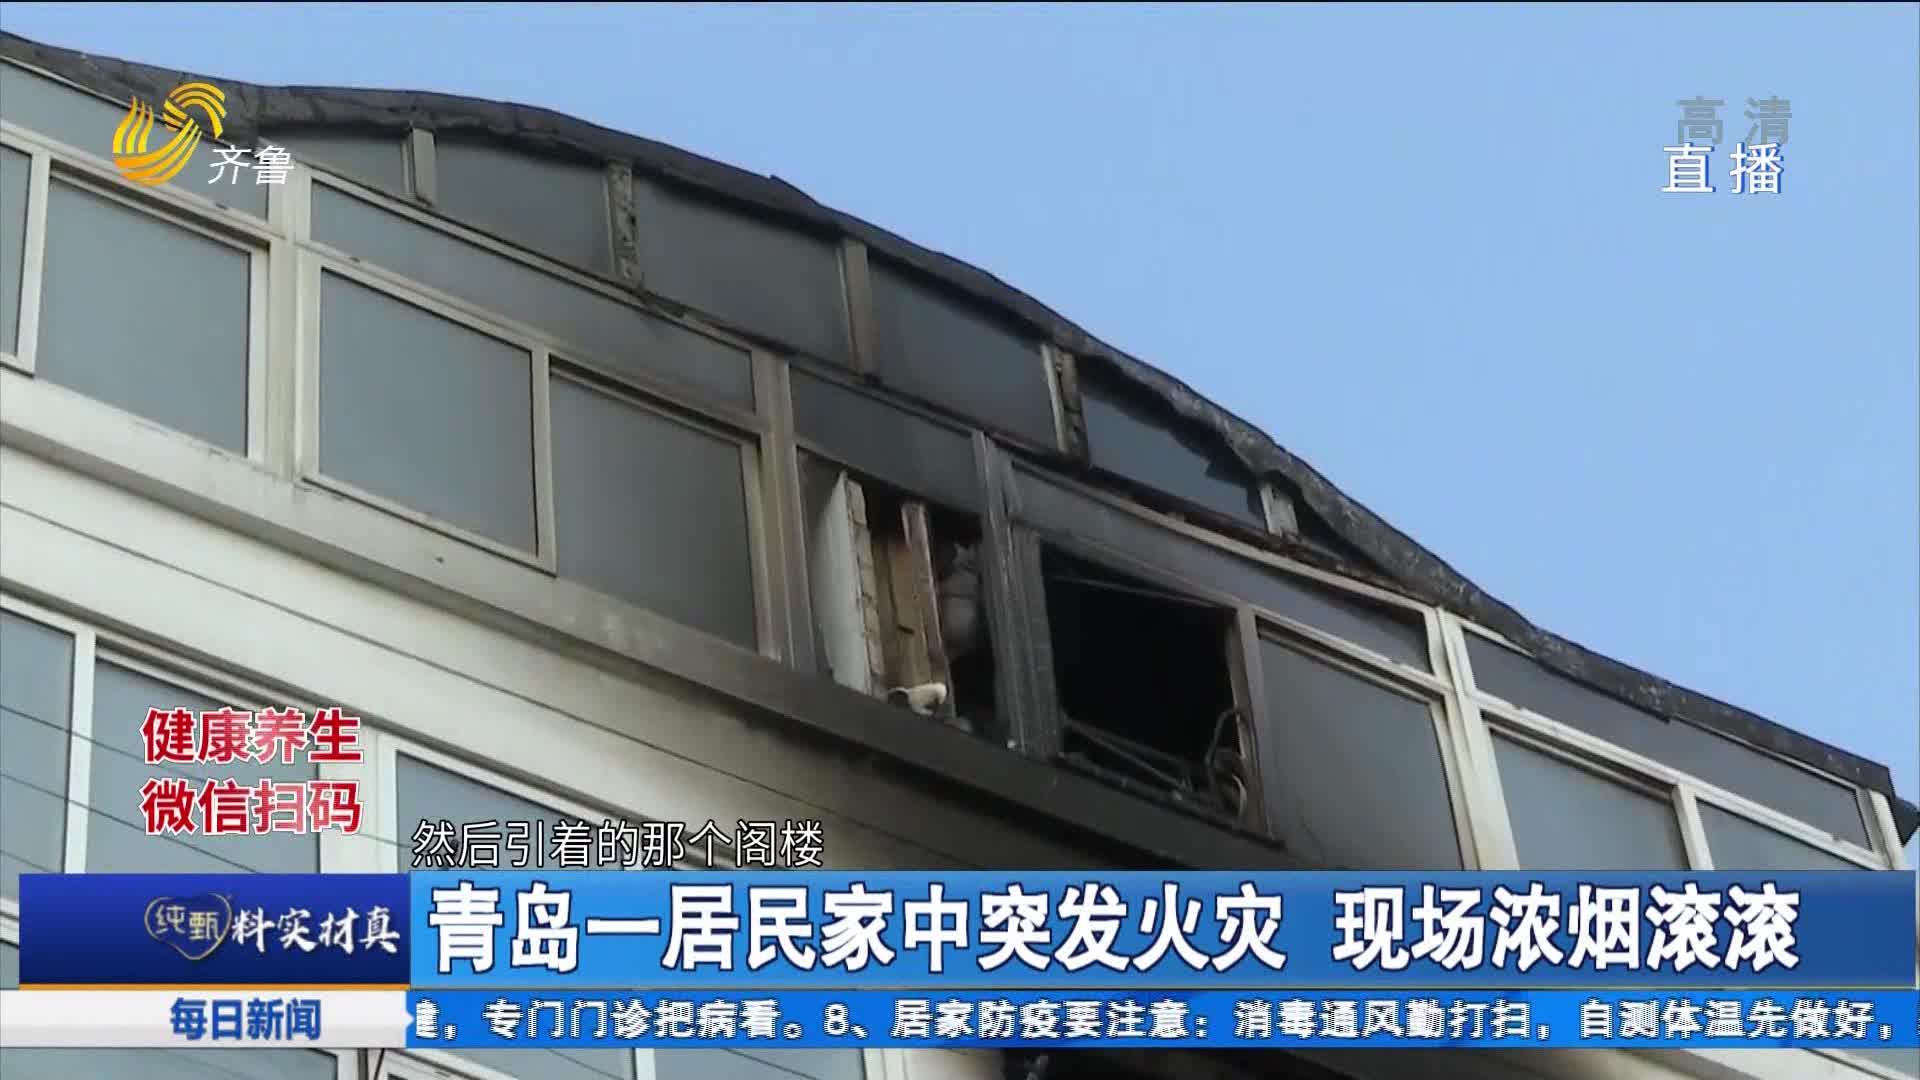 青岛一居民家中突发火灾 现场浓烟滚滚